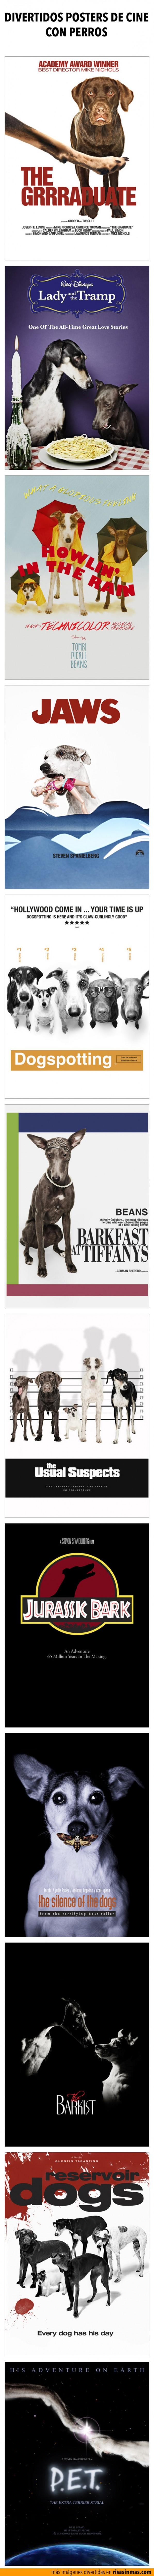 Divertidos posters de cine con perros